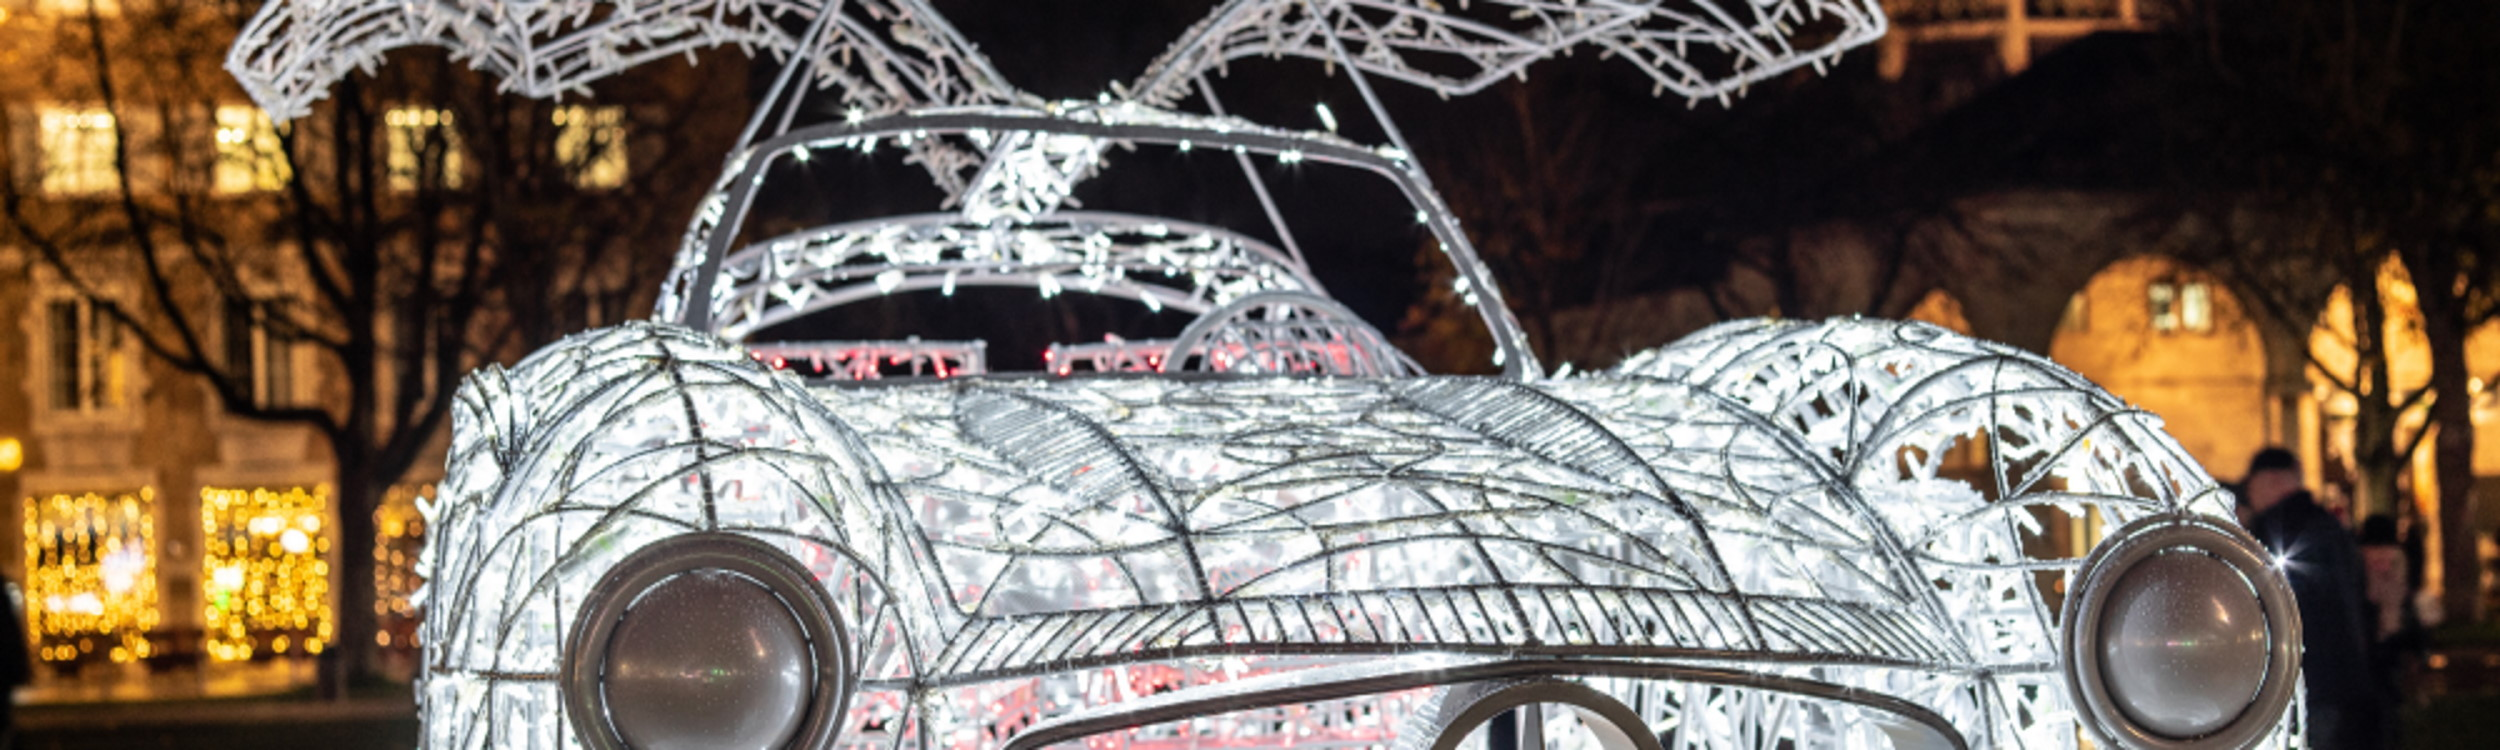 neon-nagel_inhalts-slider_weihnachten3